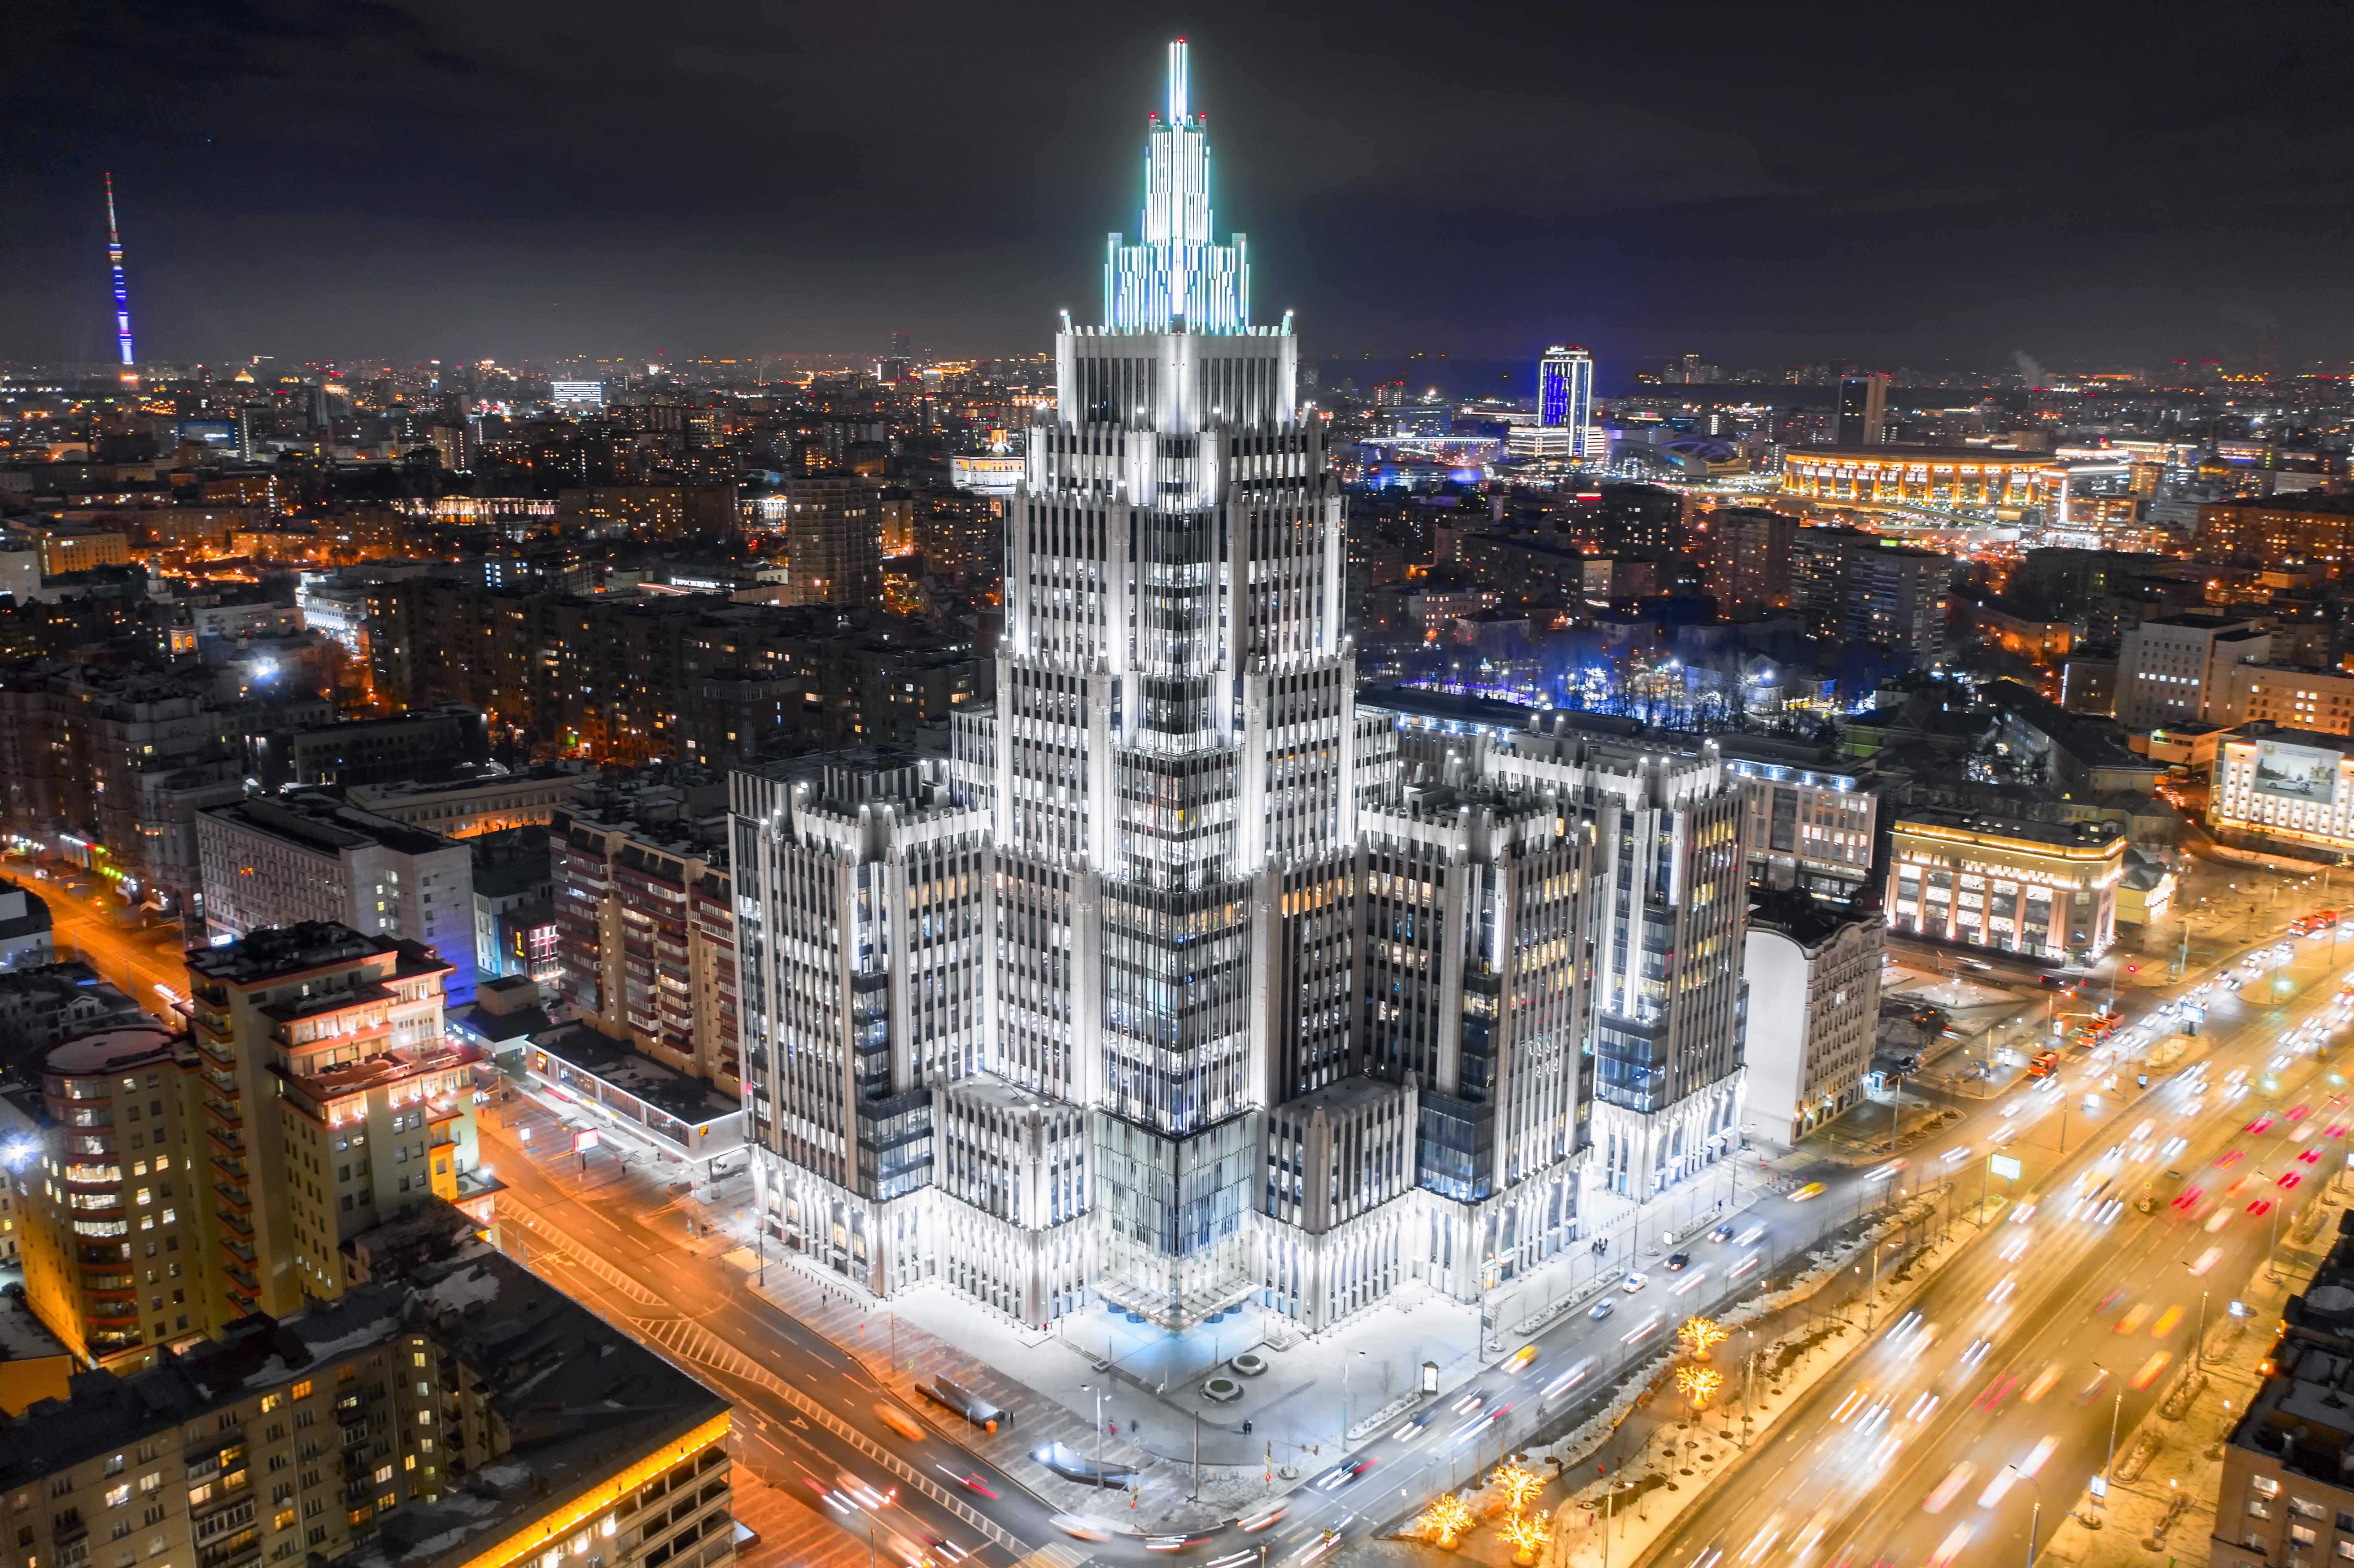 высотки красивые фото в москве давно известна